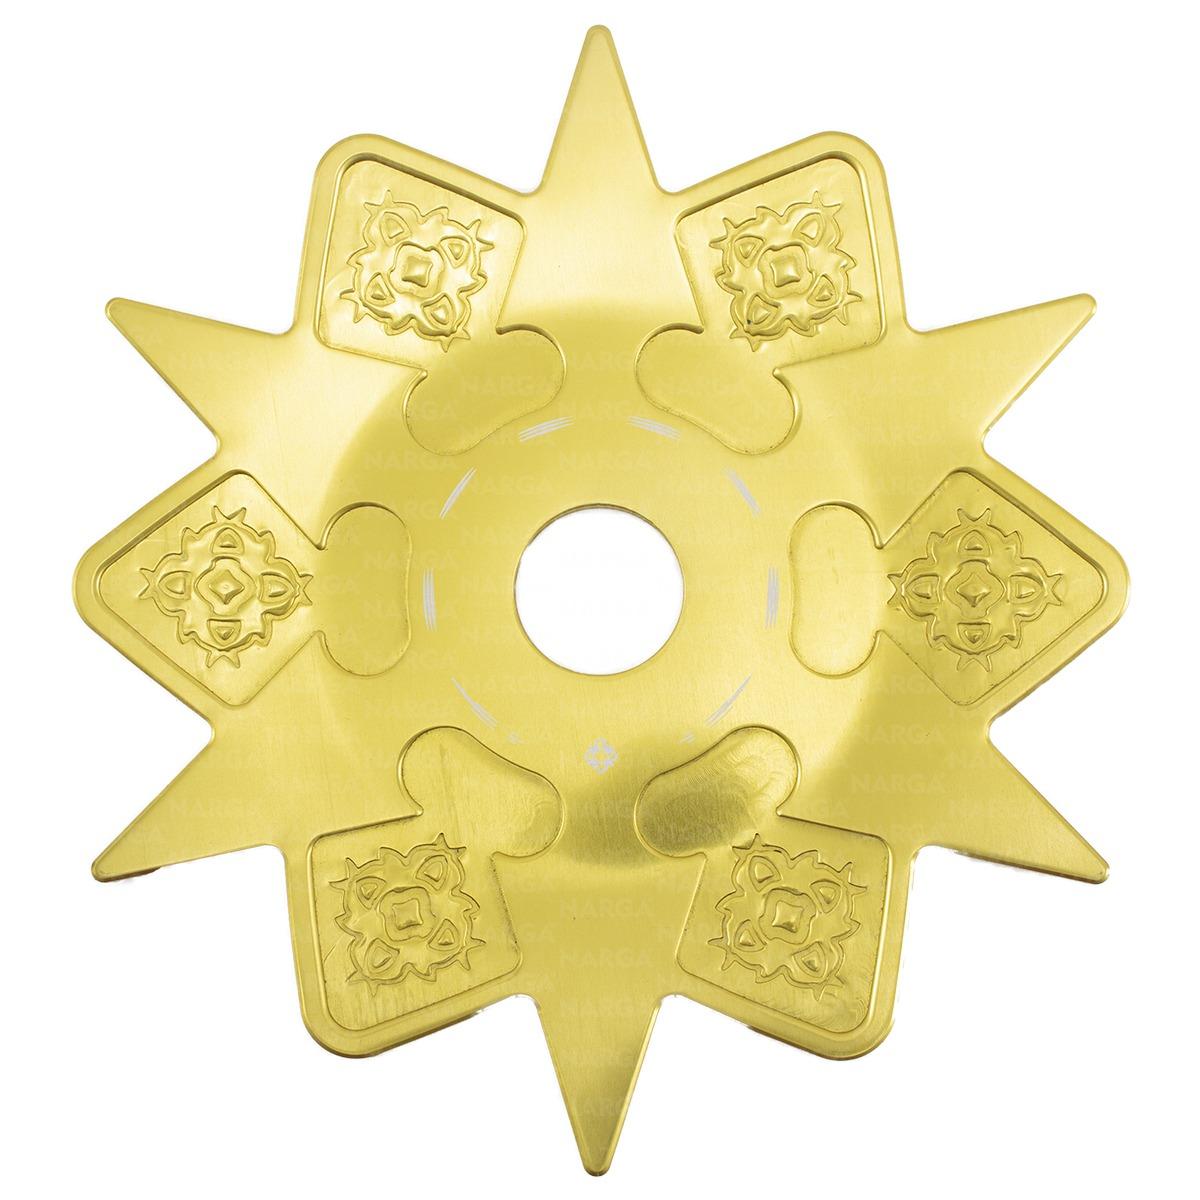 Prato Grande Narguile Amazon Dourado Asterix Original